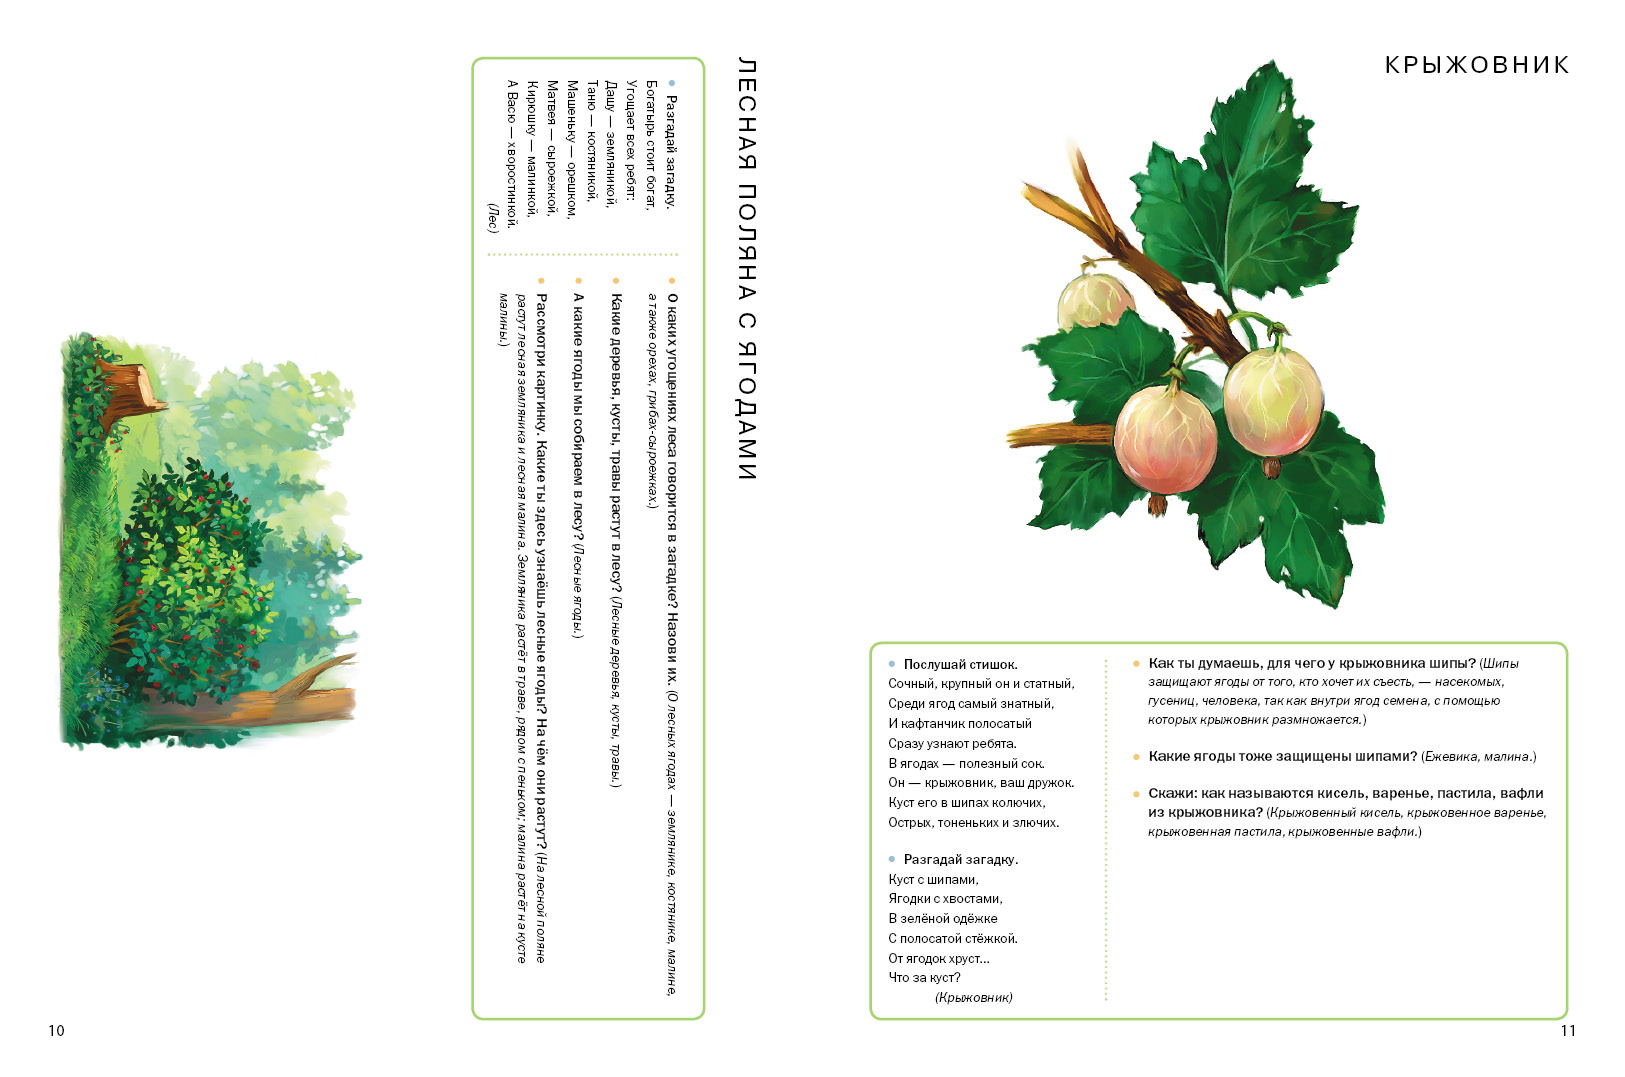 Ягоды. Грибы. Тематический словарь в картинках: Мир растений и грибов